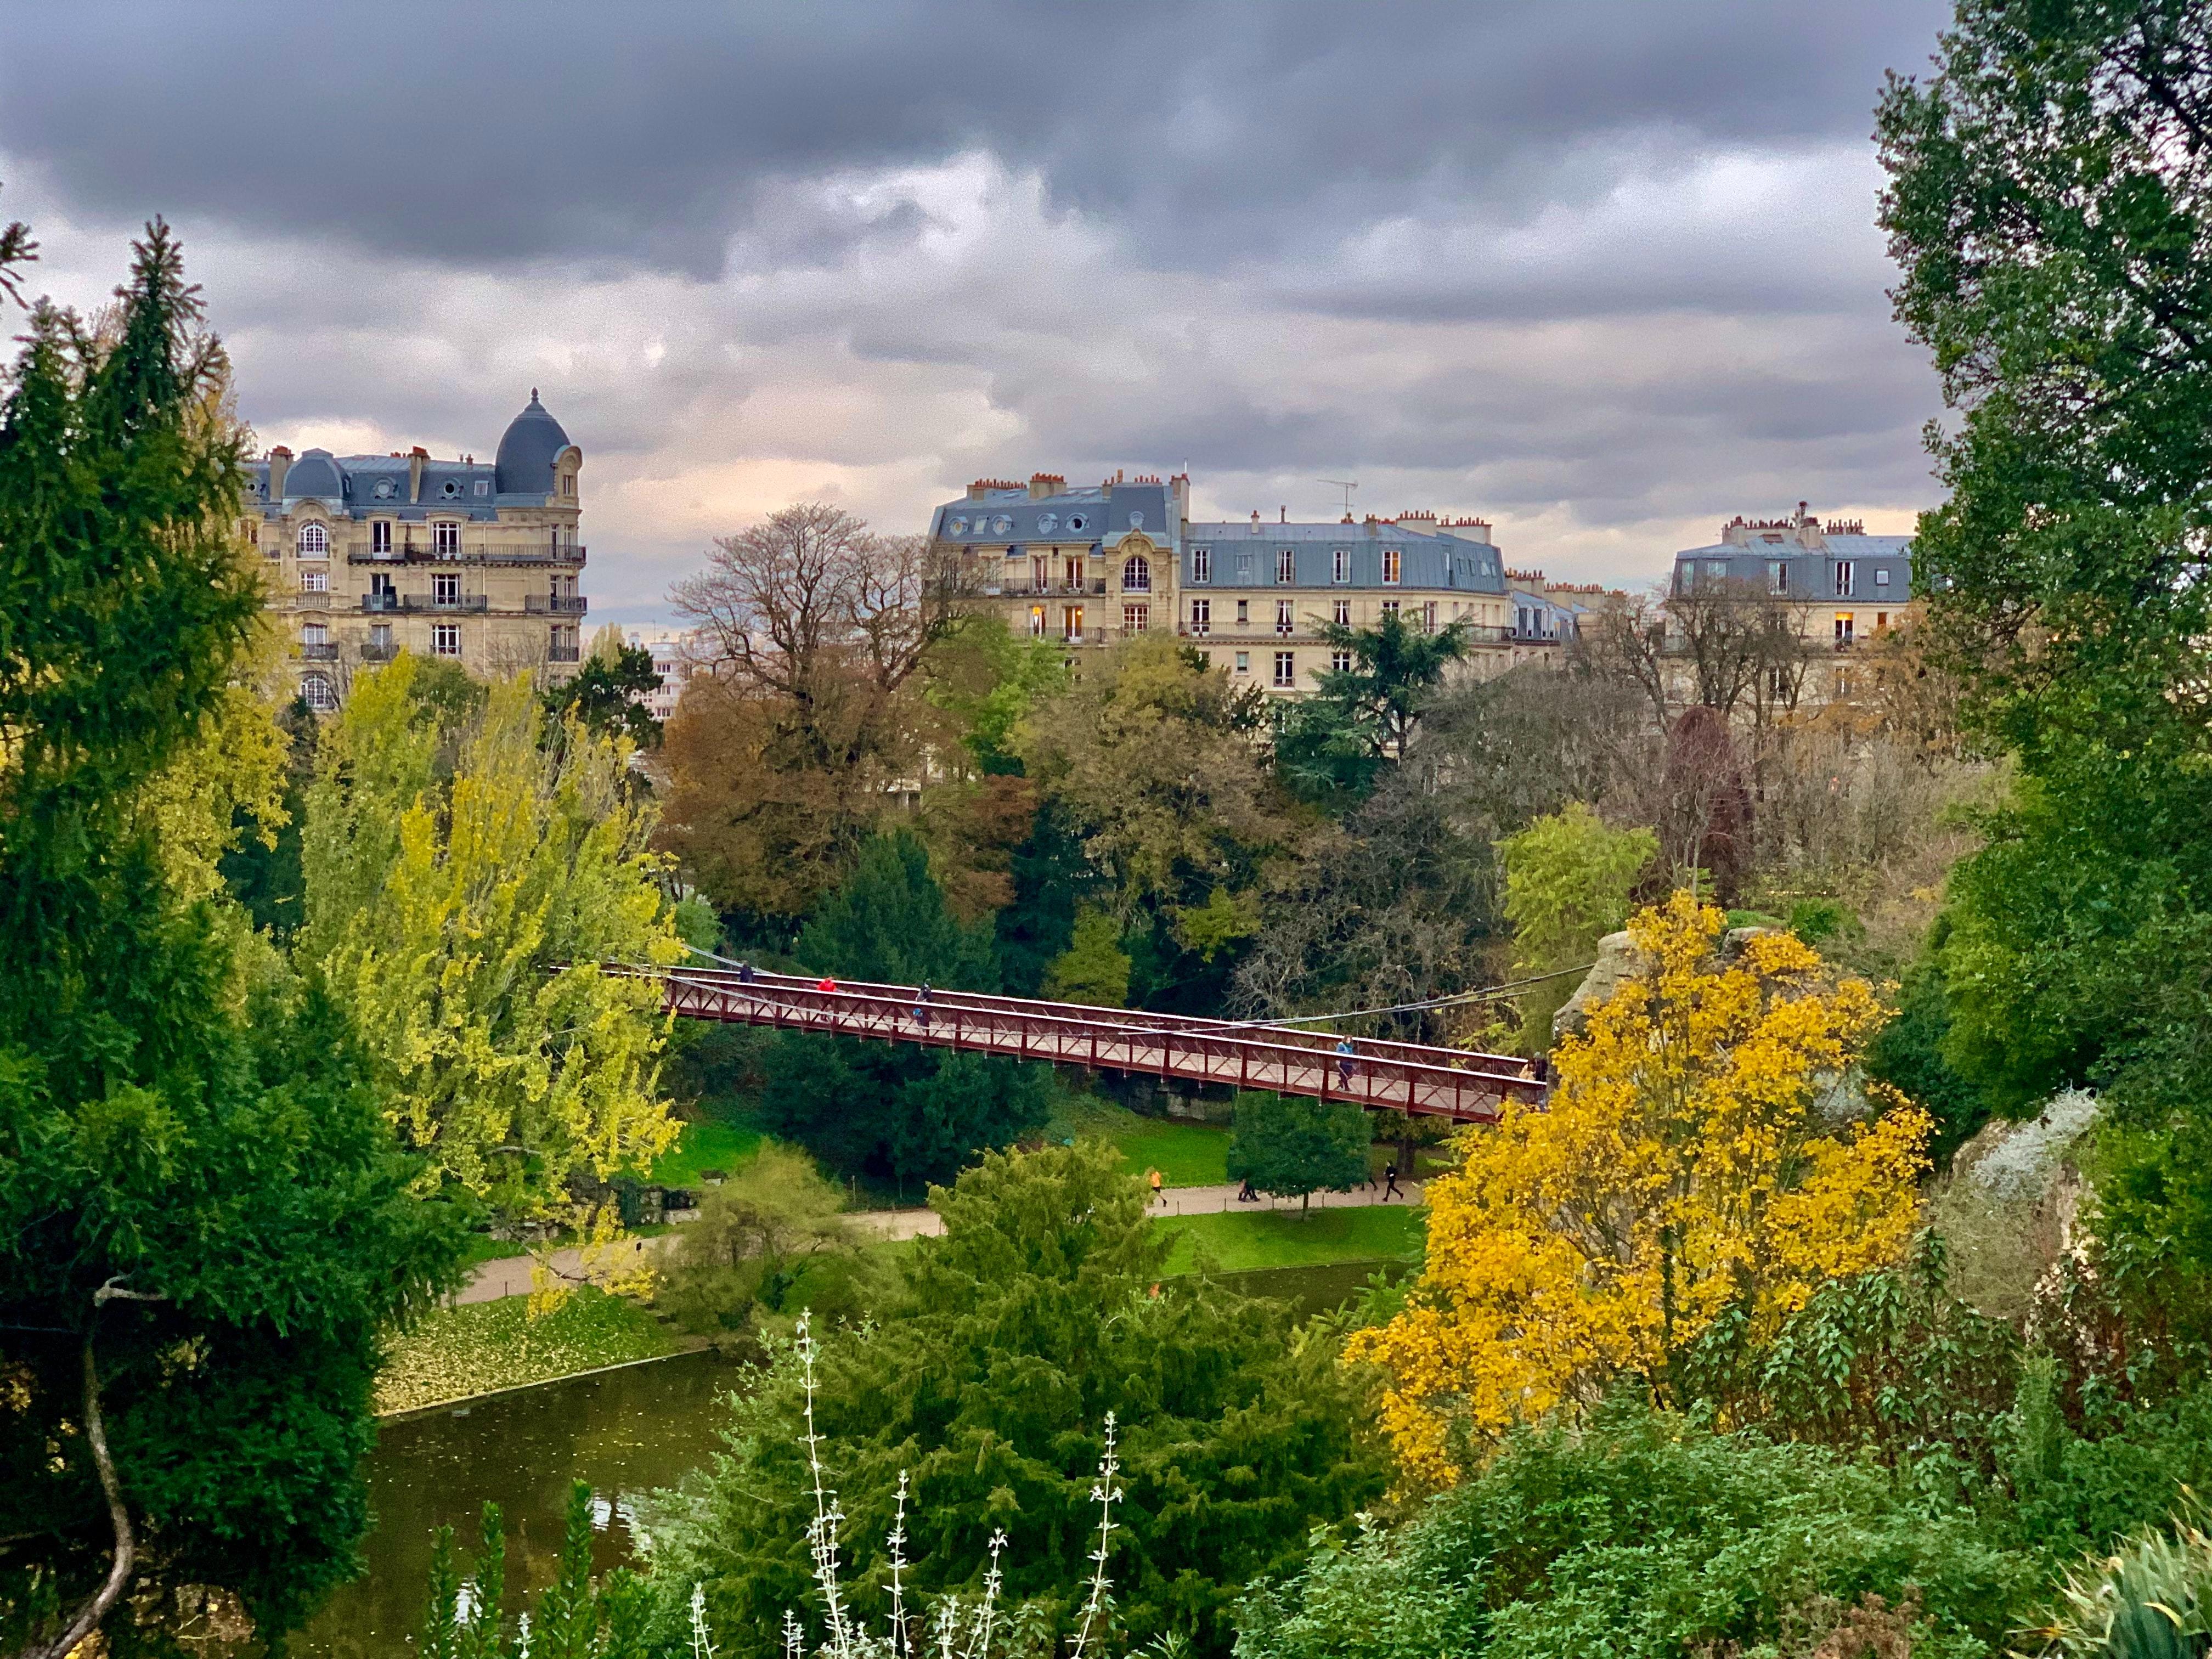 Parc des Buttes-Chaumont, most beautiful parks in Paris, France